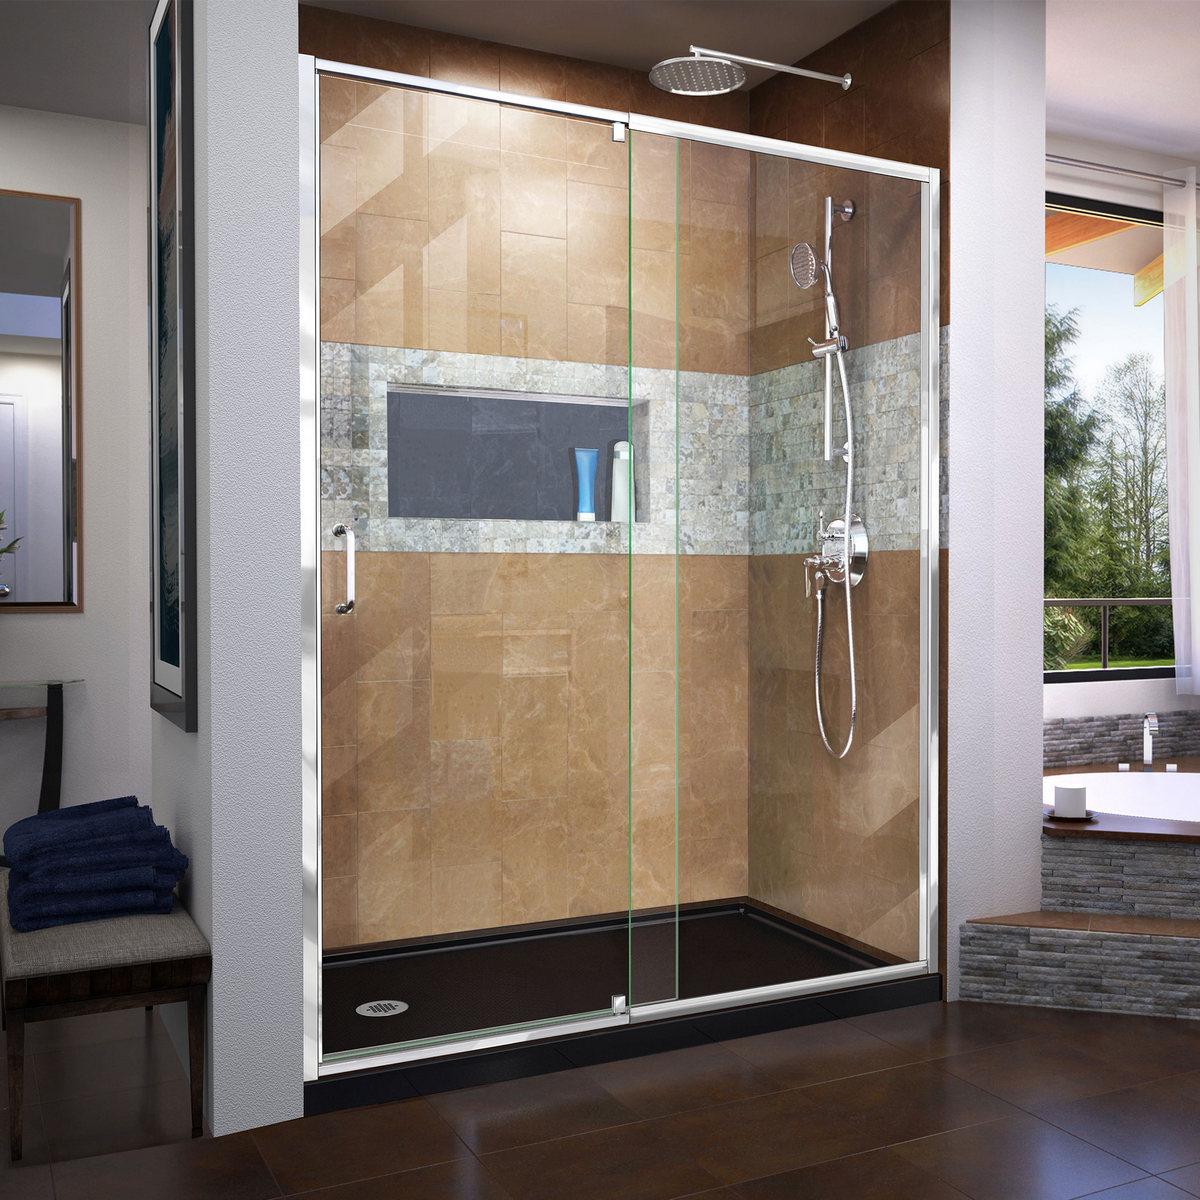 Dreamline Frameless Pivot Shower Door Chrome Left Drain Black Base Kit